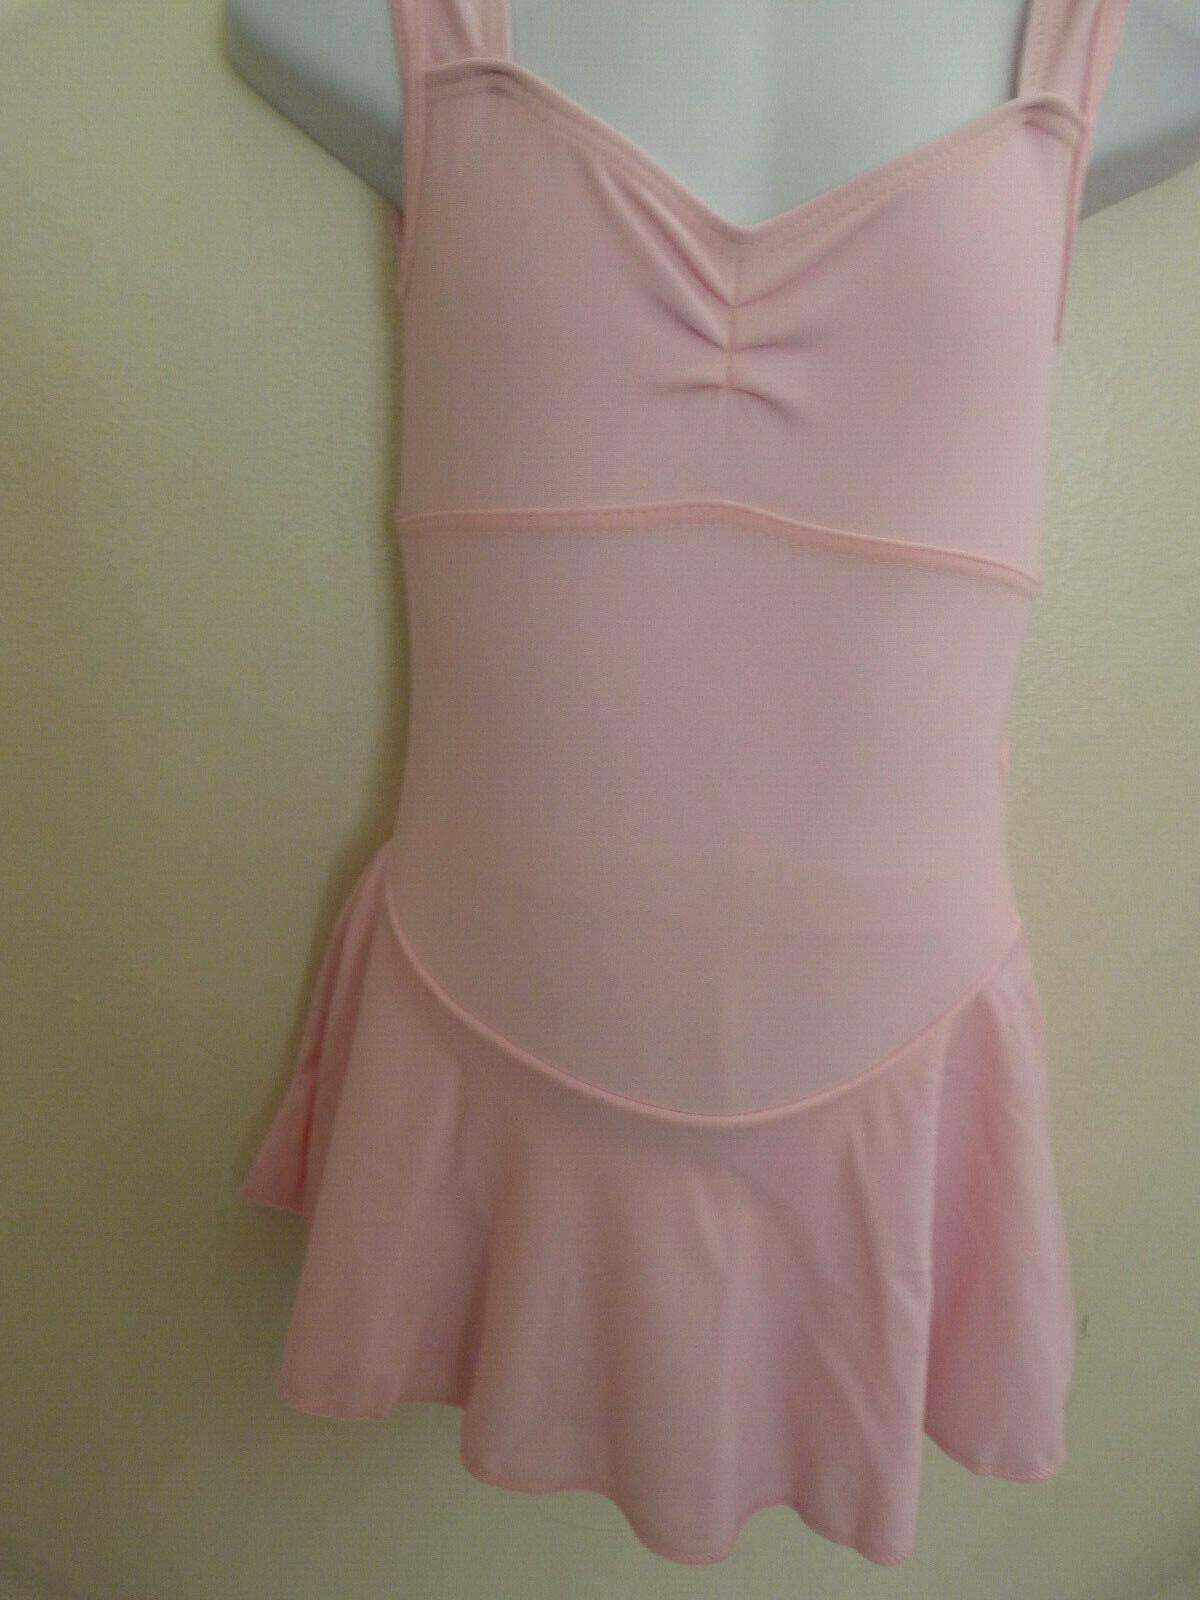 Roch Valley matt nylon lycra skirted pink leotard. R